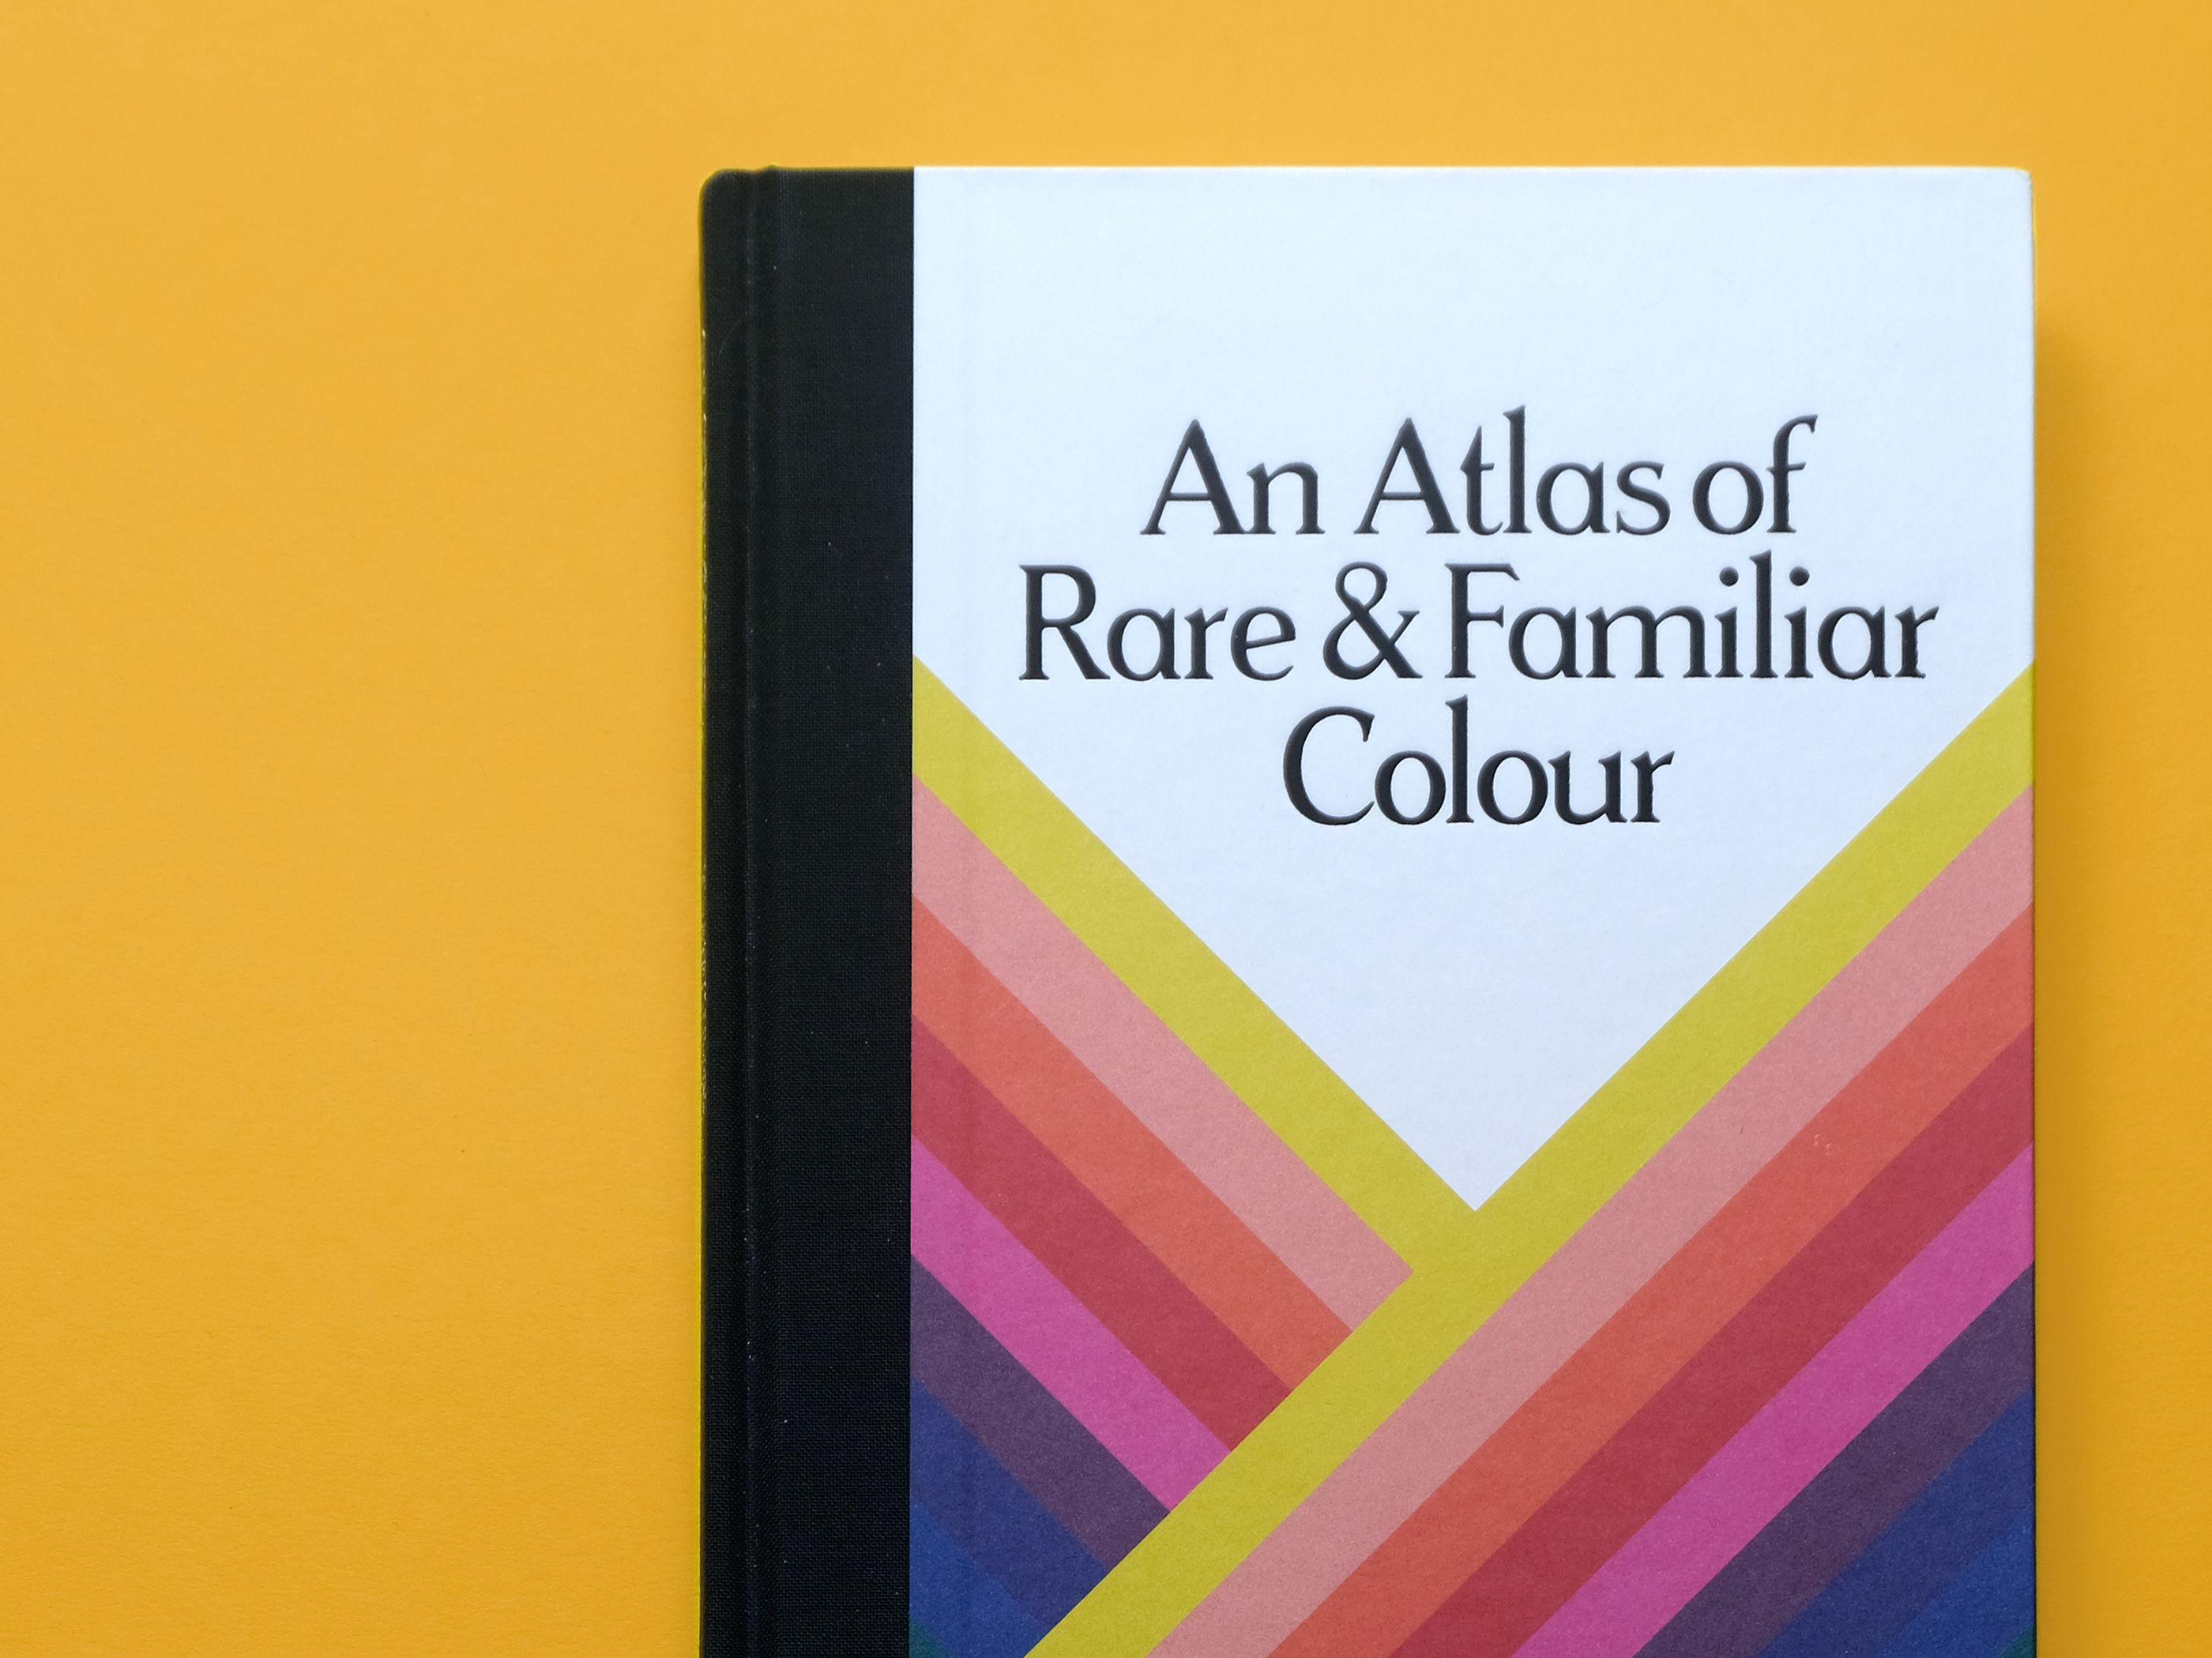 An Atlas of Rare & Familiar Colour on Behance